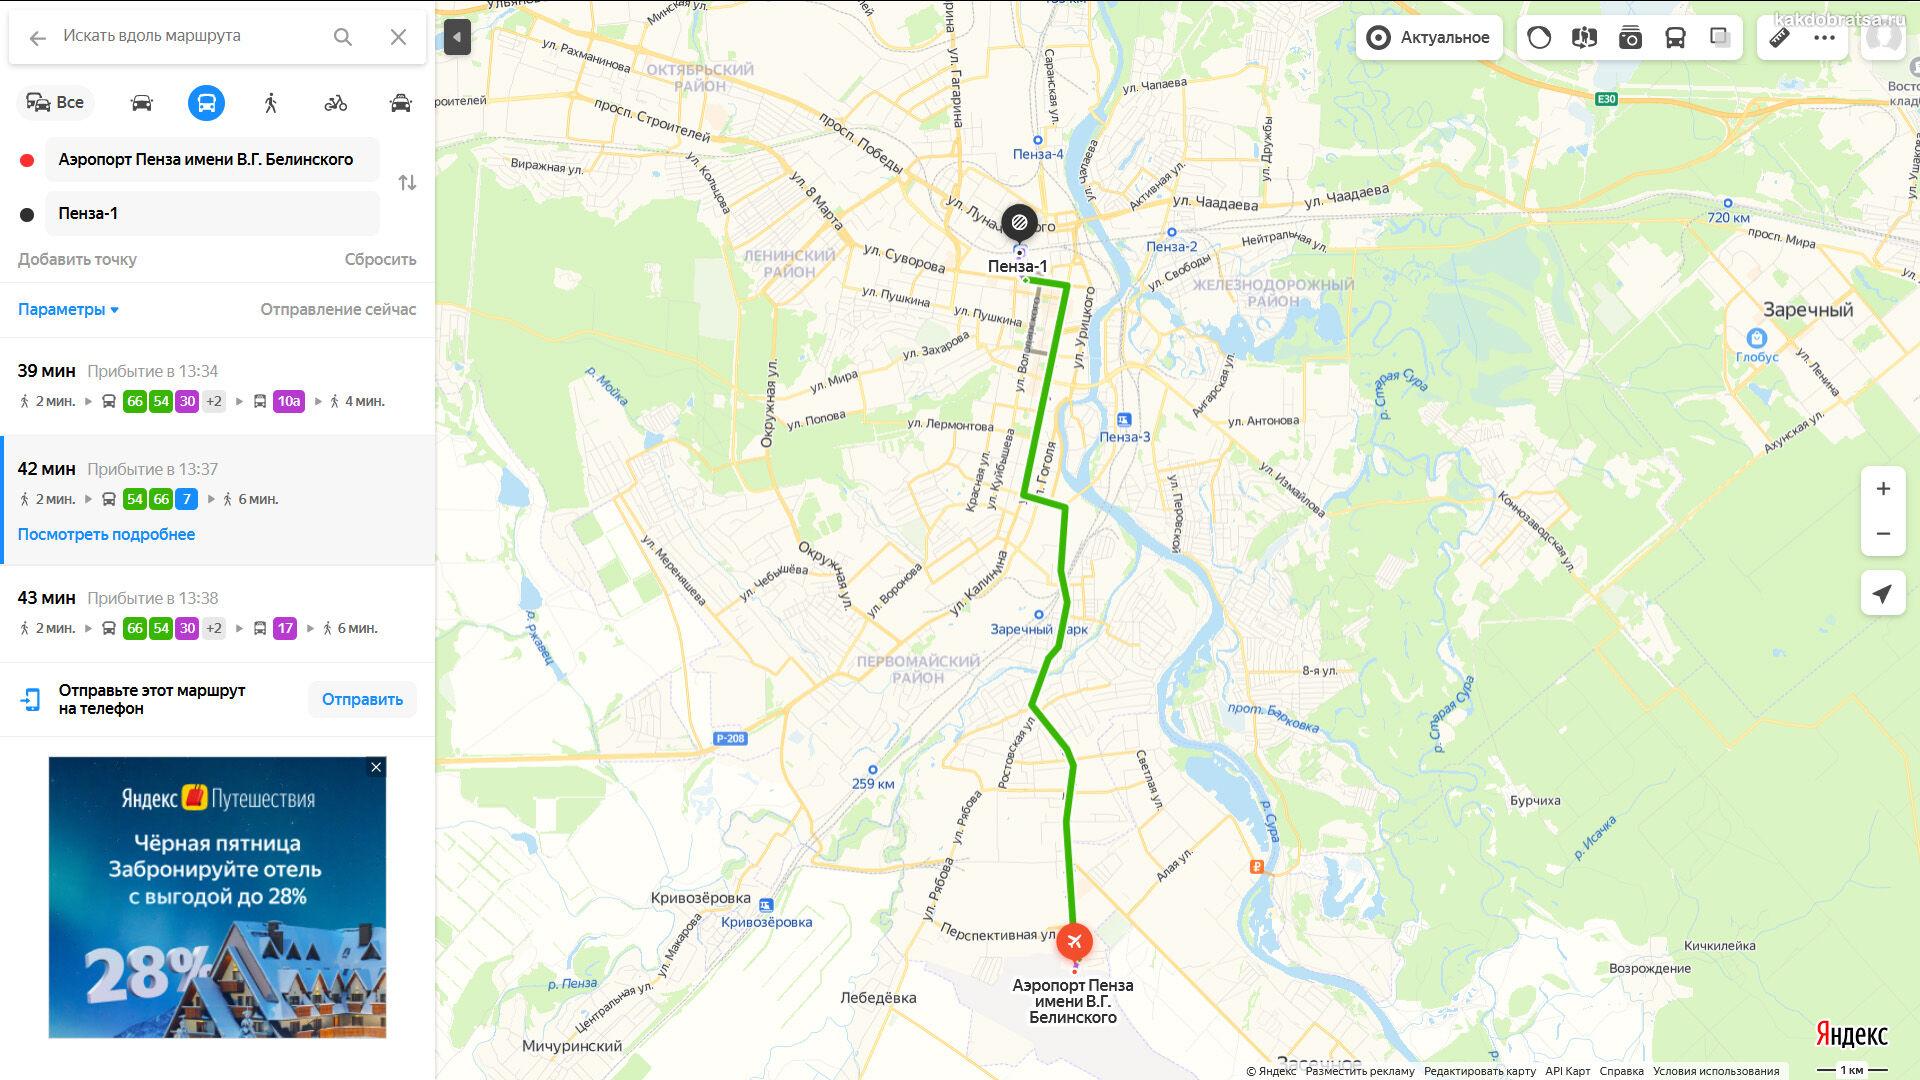 Аэропорт Пензы на карте с адресом и где находится